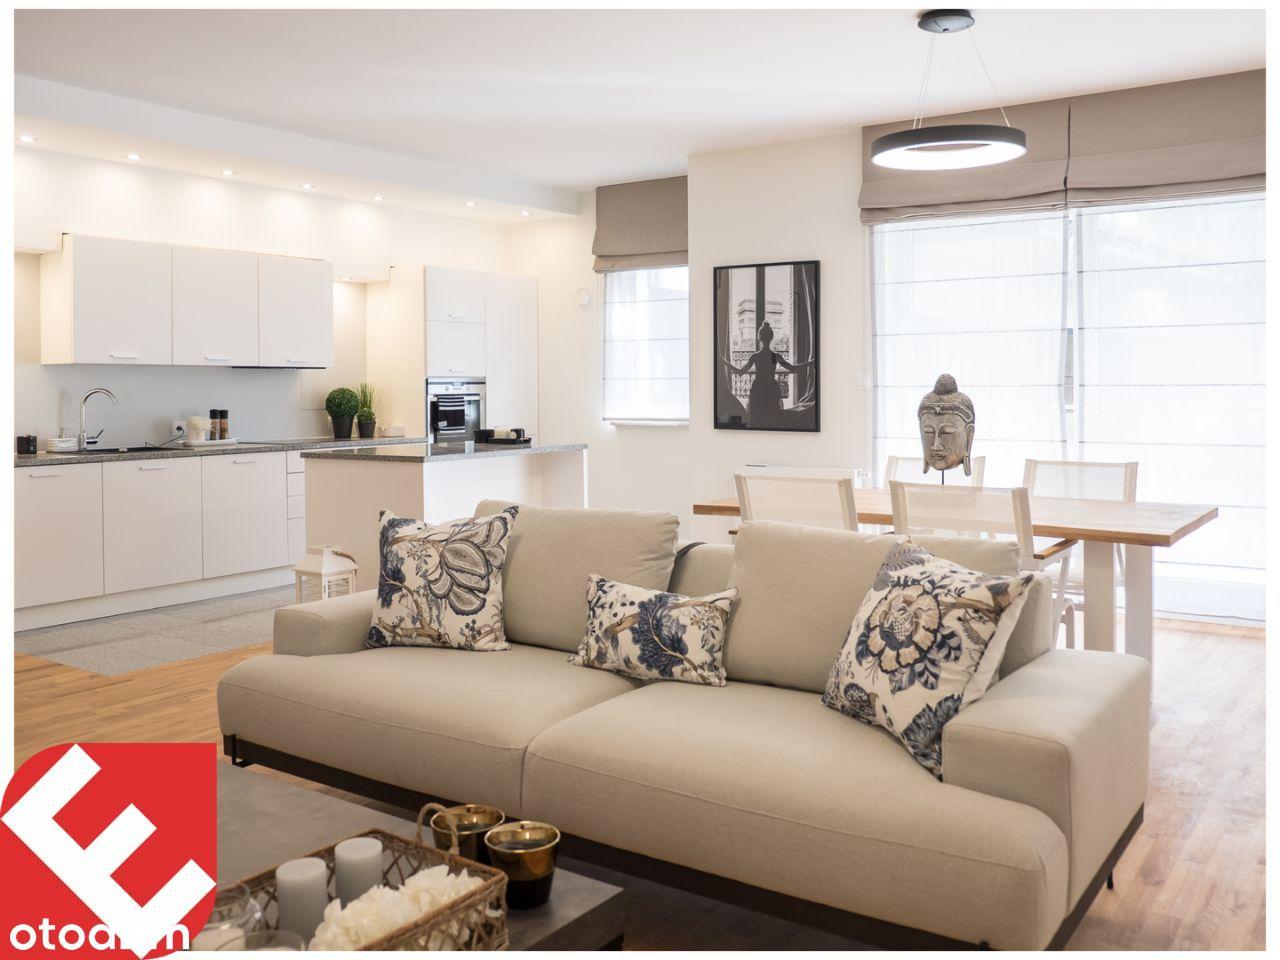 Komfortowe i przestronne mieszkanie